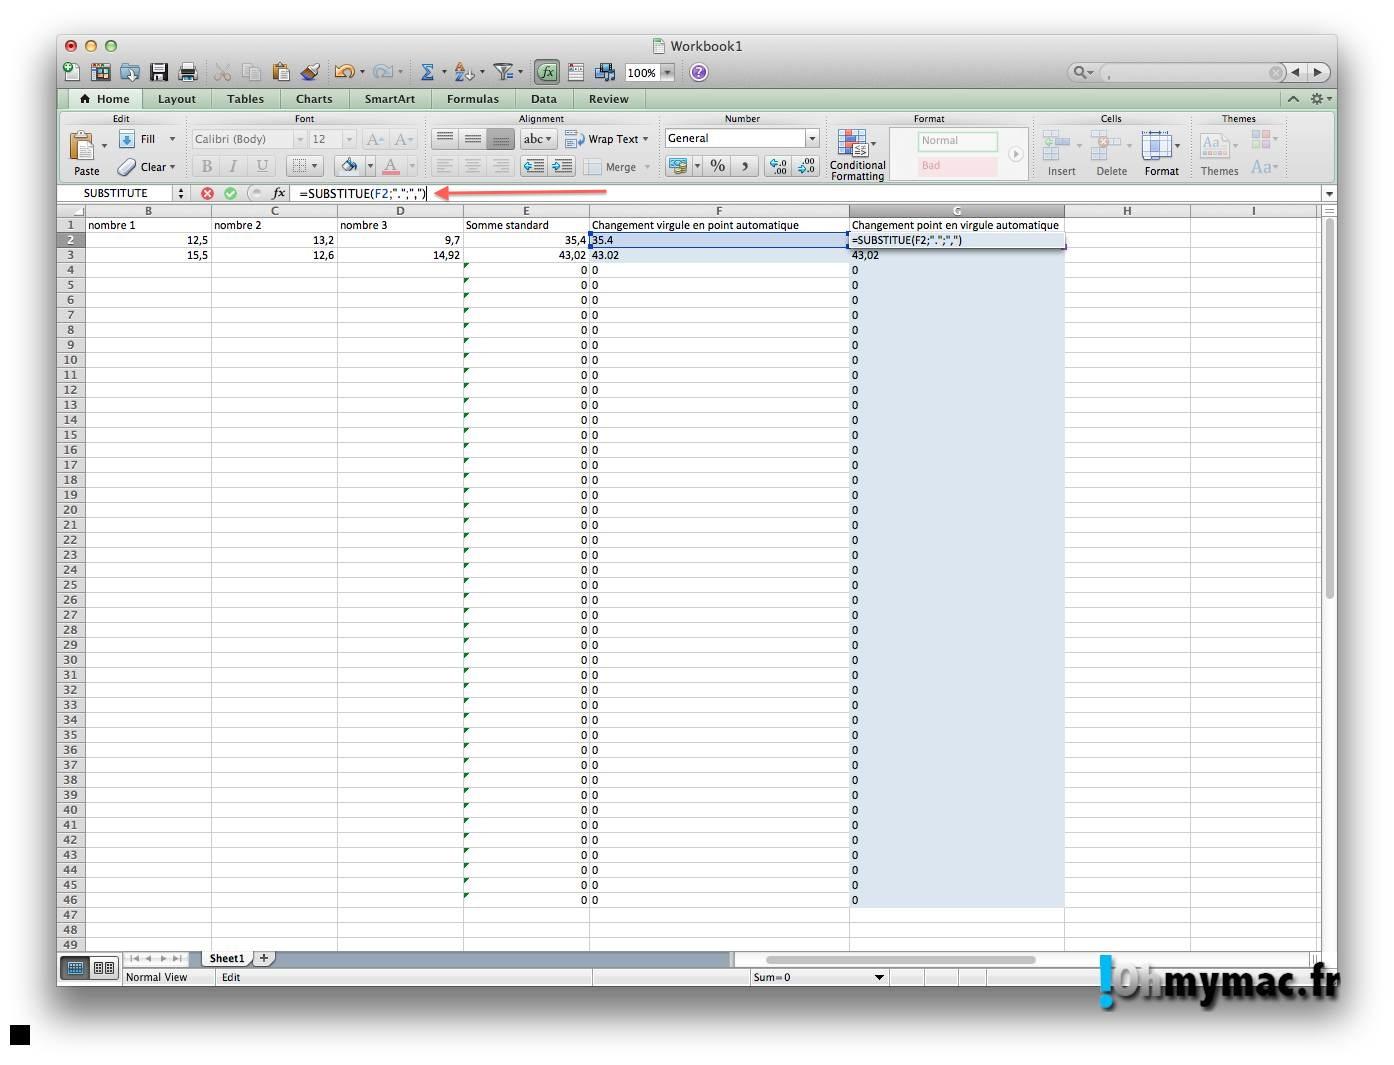 Ohmymac Séparateur décimal sur Excel 2011 Mac 12